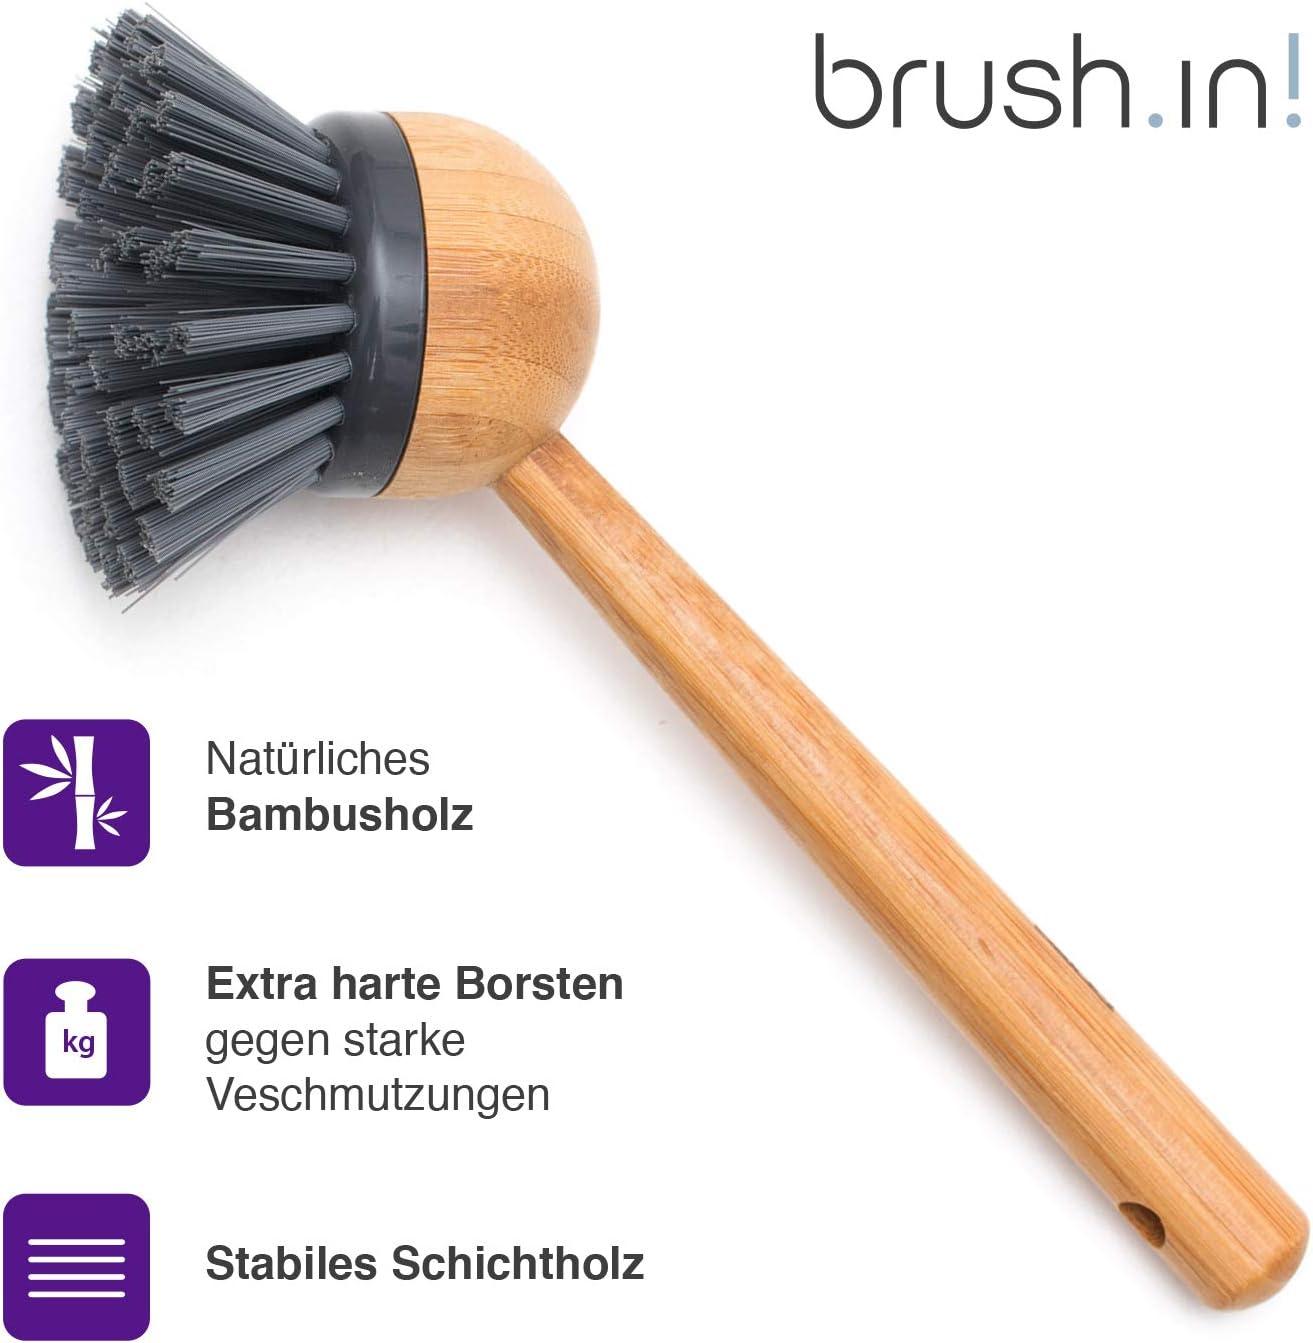 Küchenbürste Spülbürste Bürste Reinigungsbürste Geschirrbürste Topfbürste